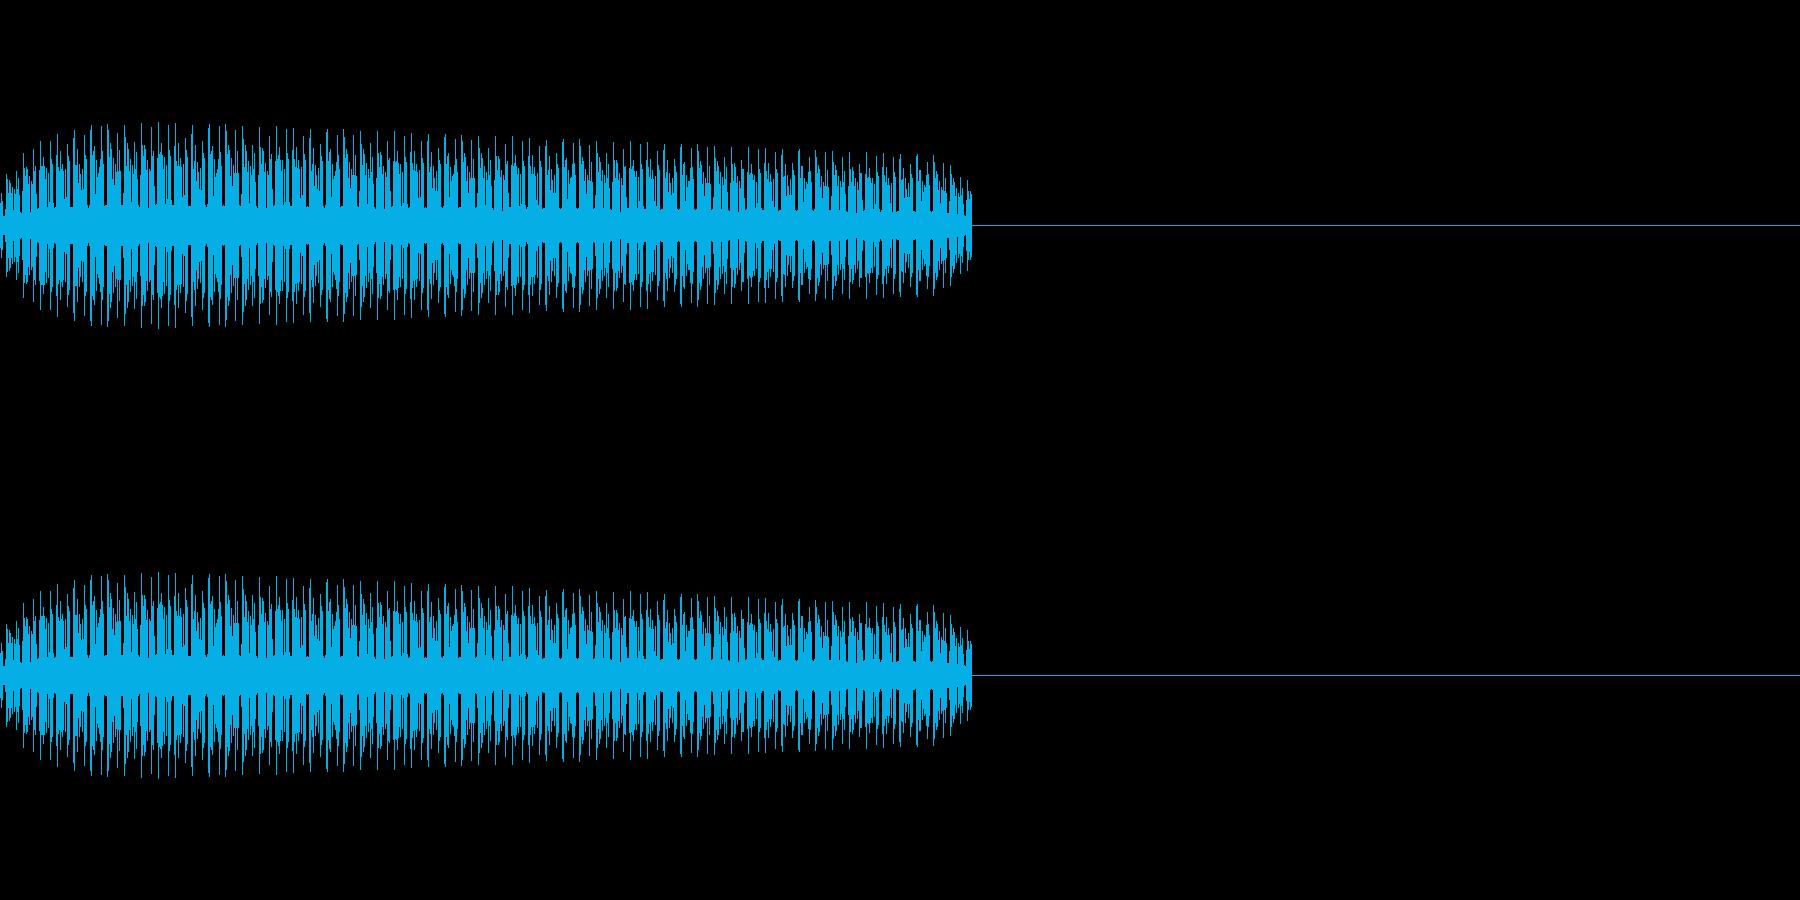 レトロゲーム効果音「ピッ」の再生済みの波形